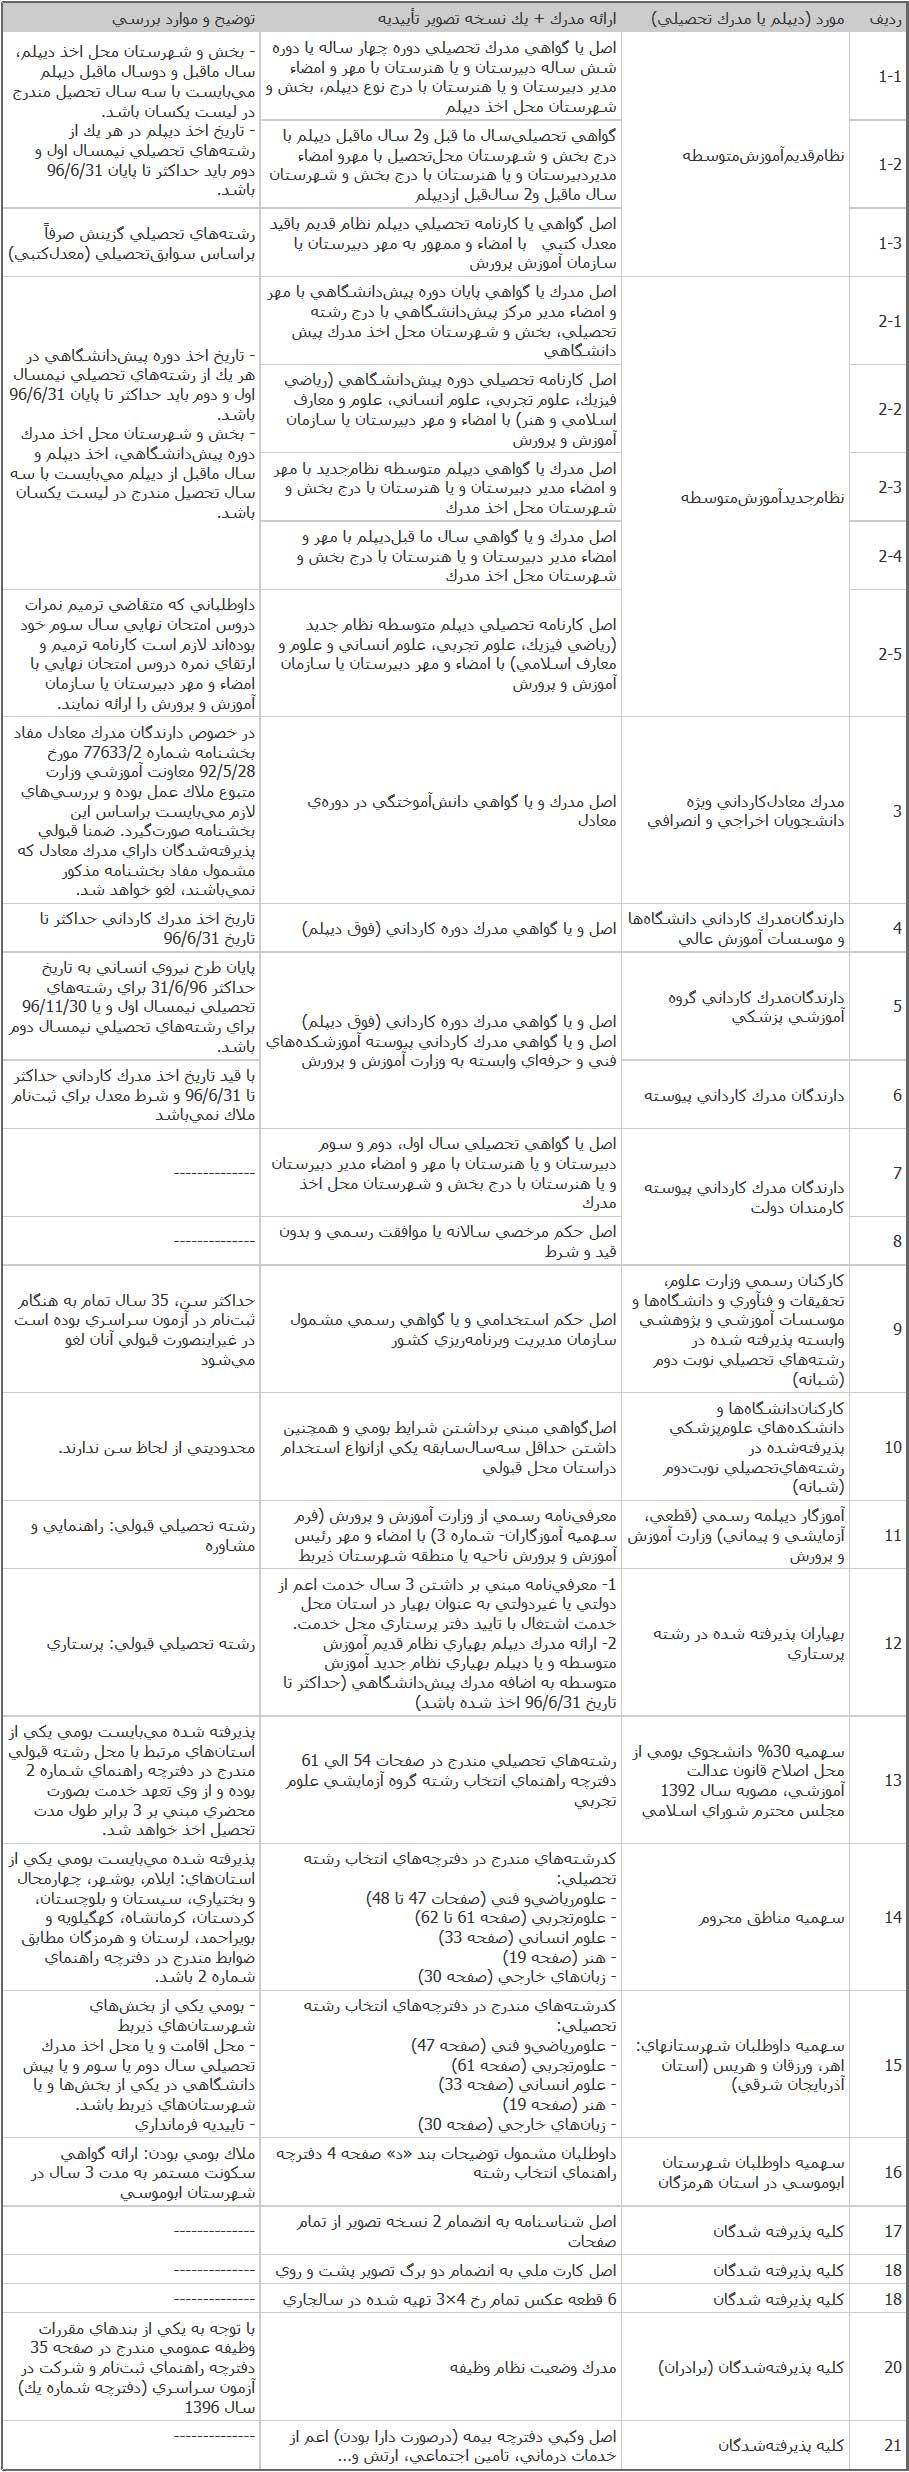 مدارک ثبت نام دانشجویان جدید